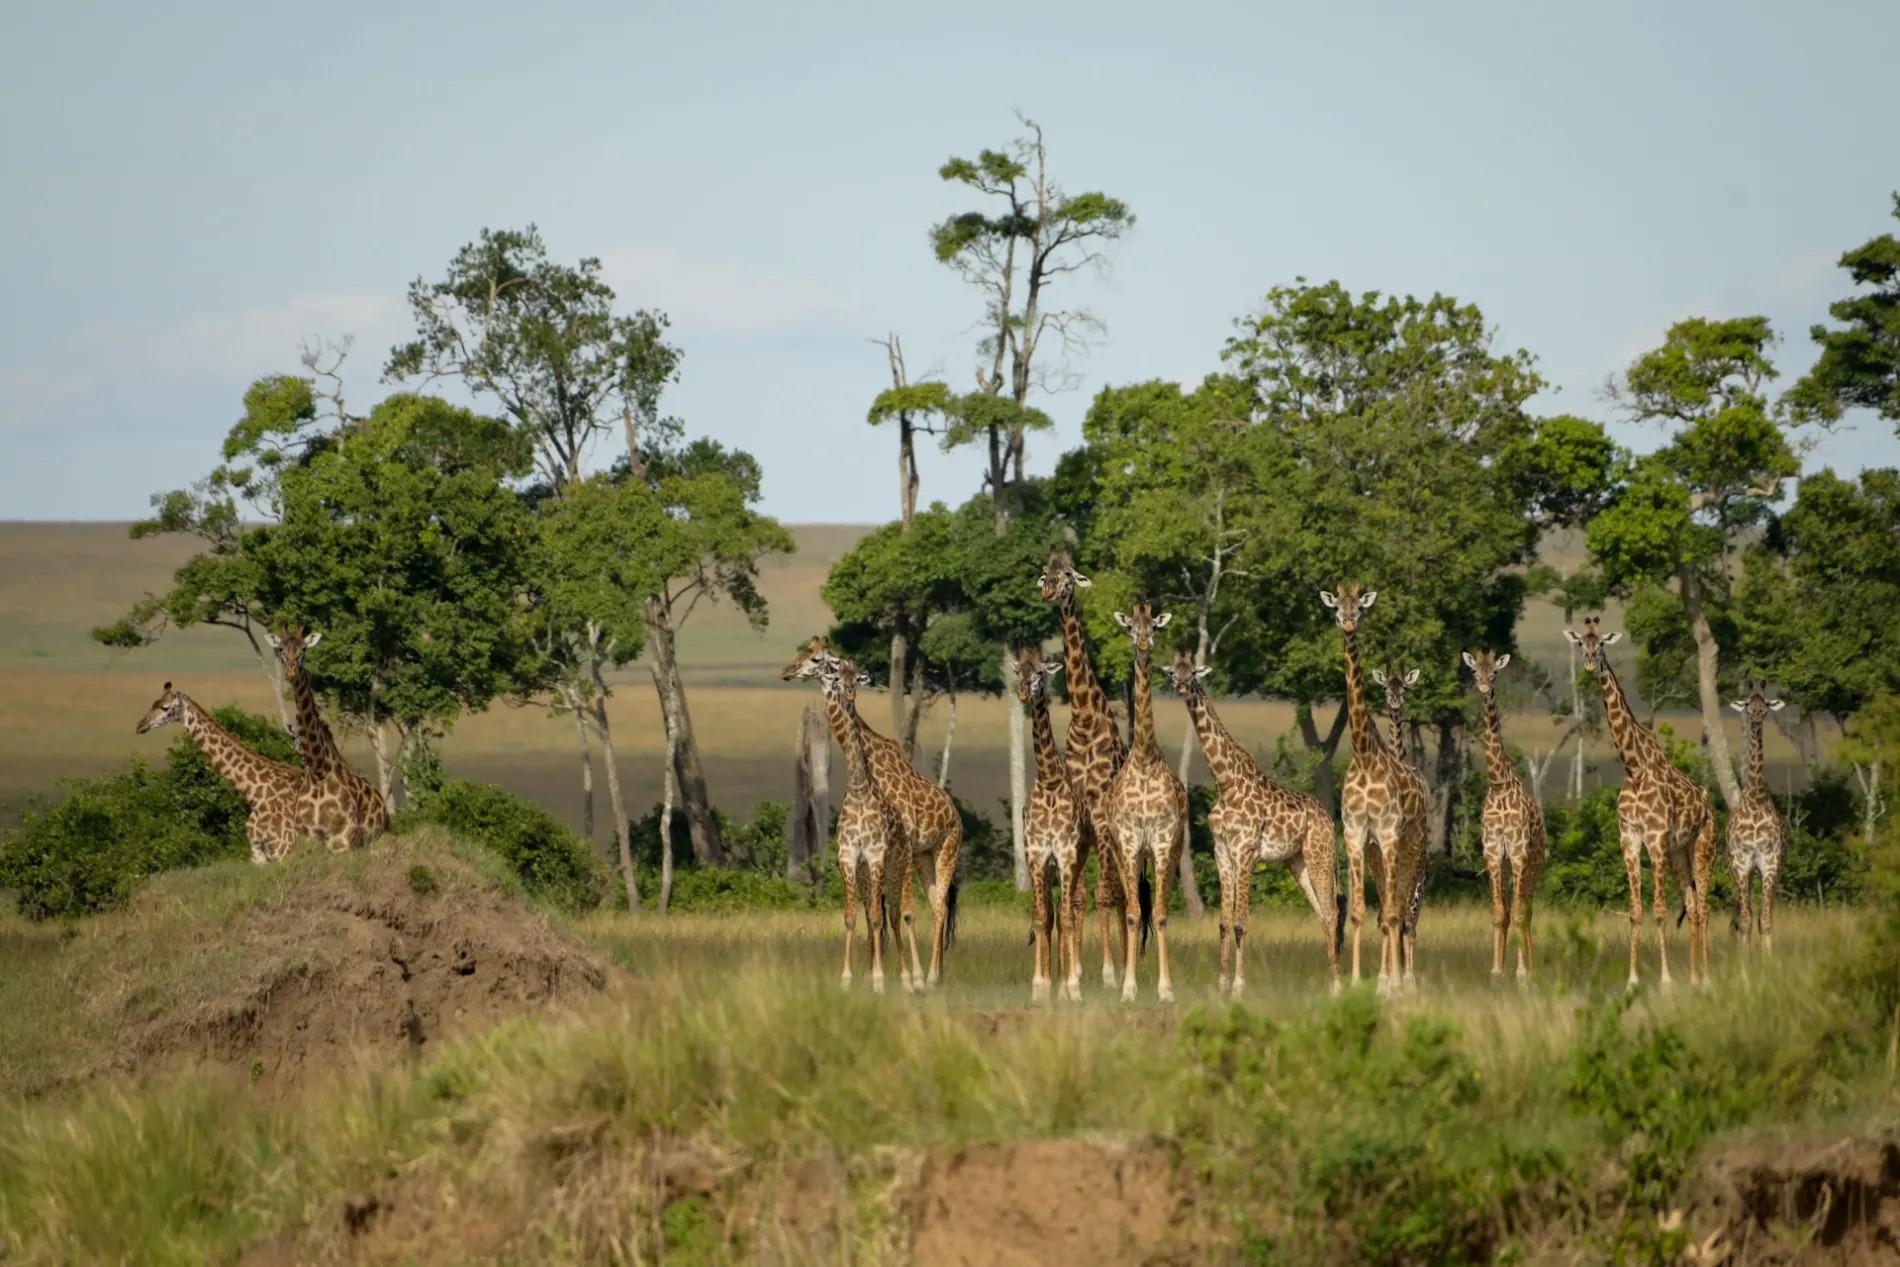 Journey of giraffes